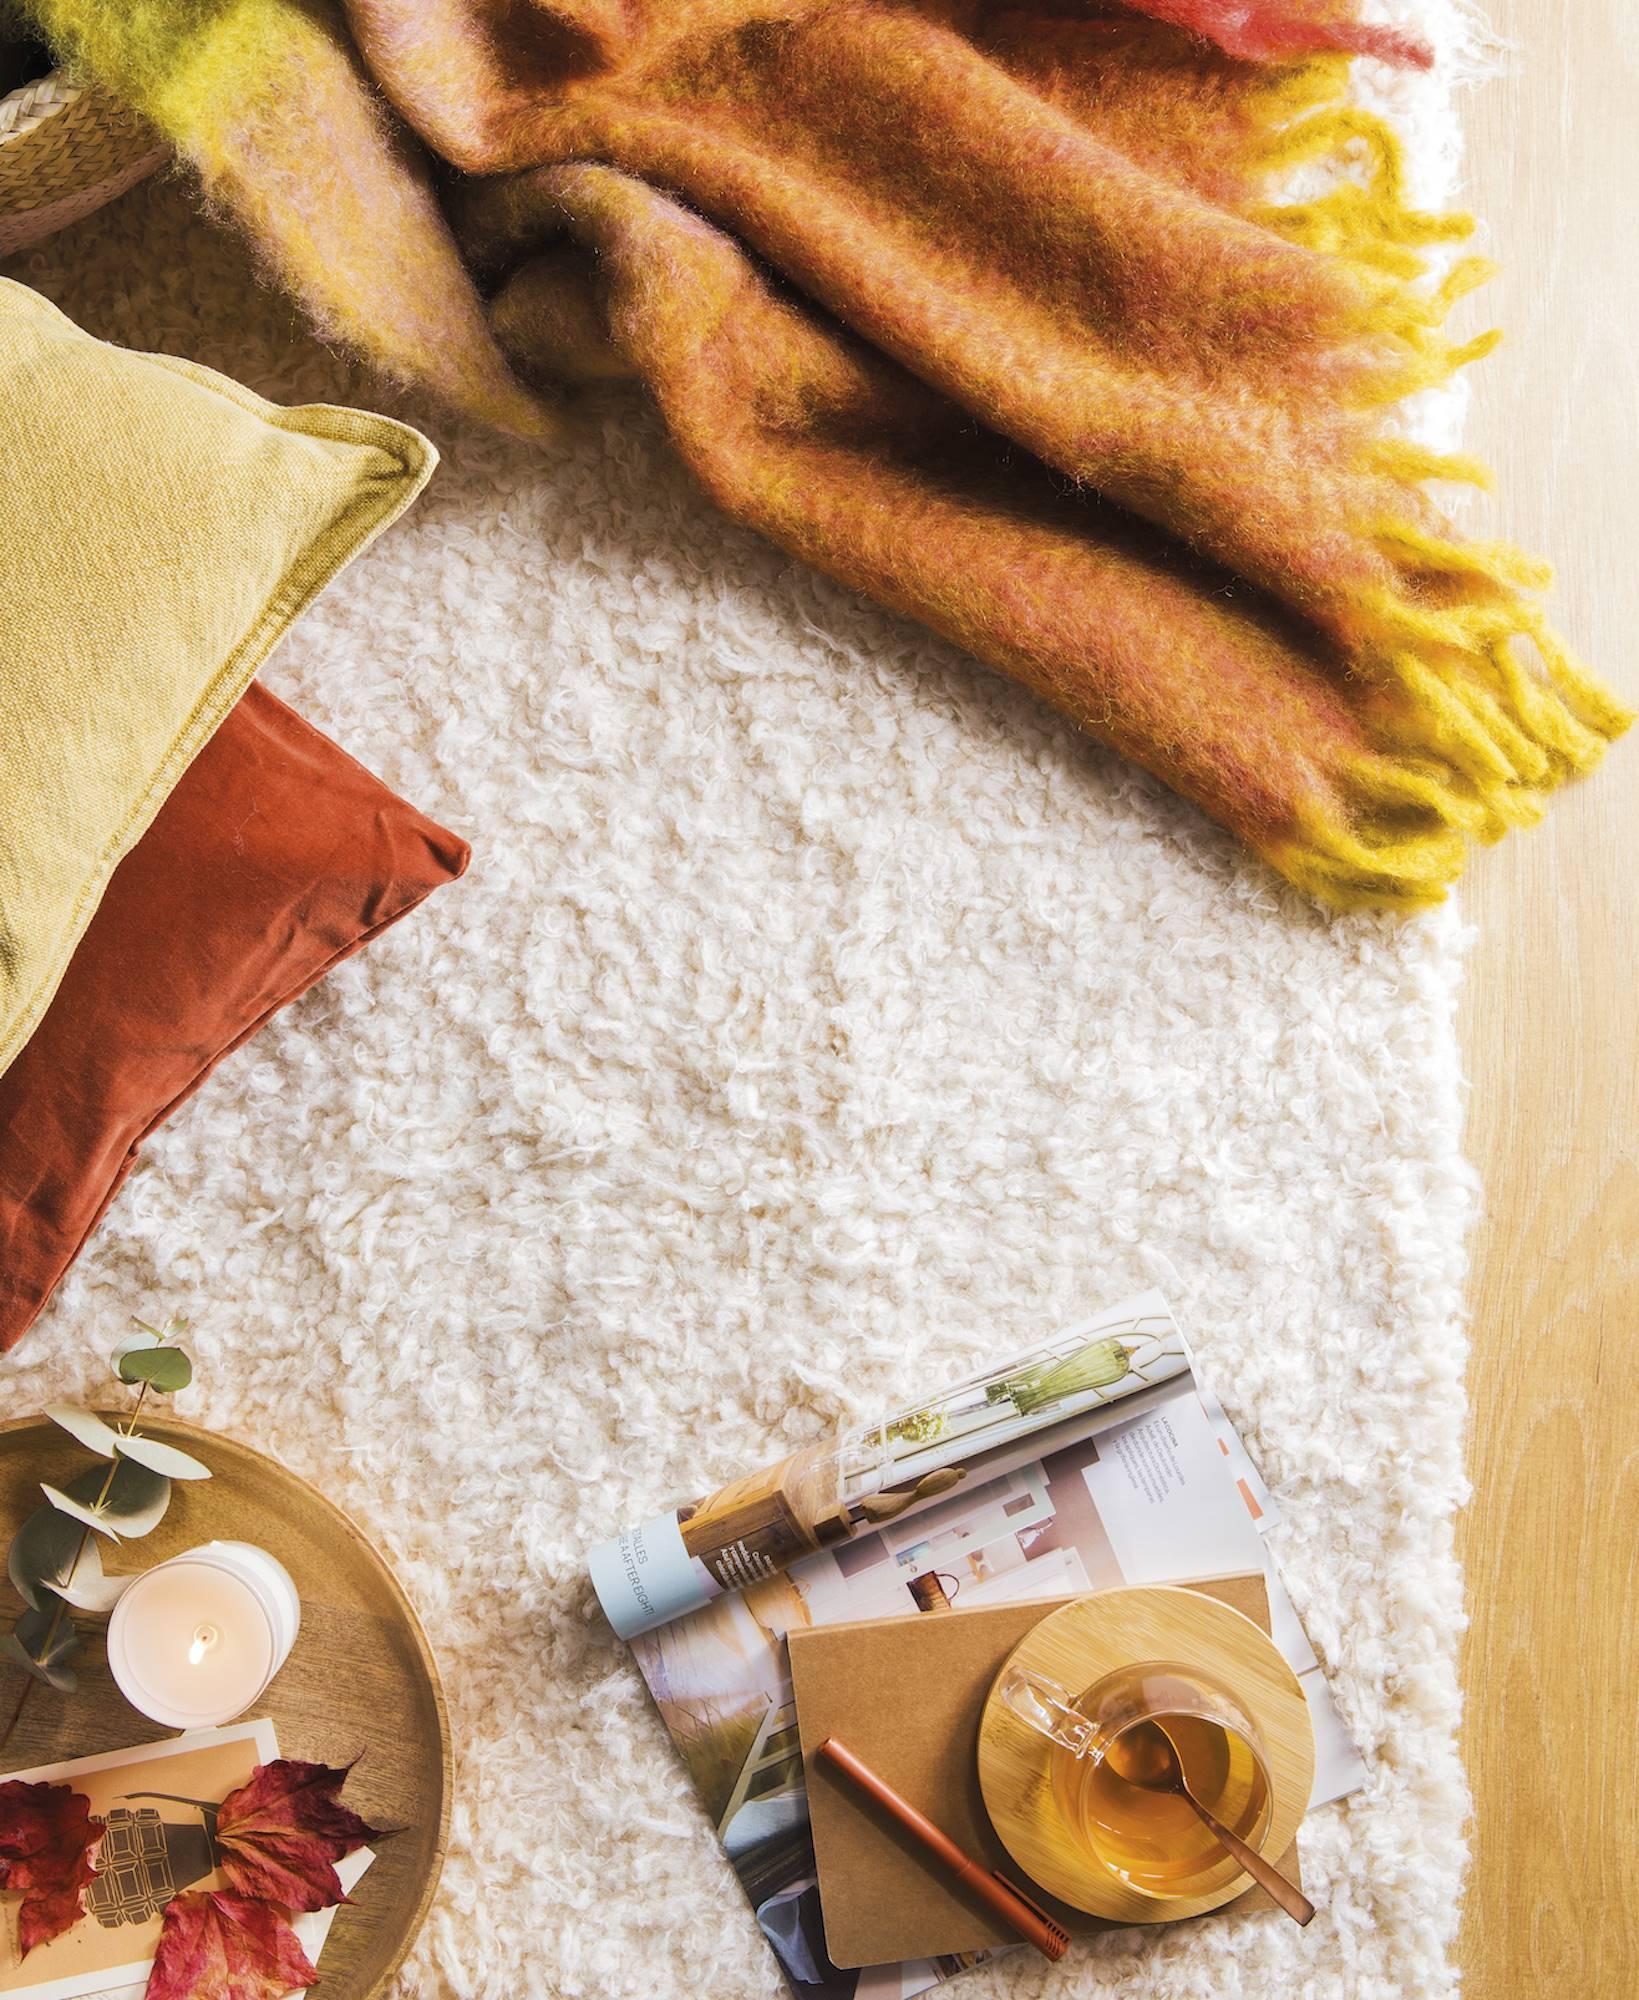 detalle de alfombra pelo largo con mantas y cojines 00471819. Alfombras  para pies calientes aa823d58db98